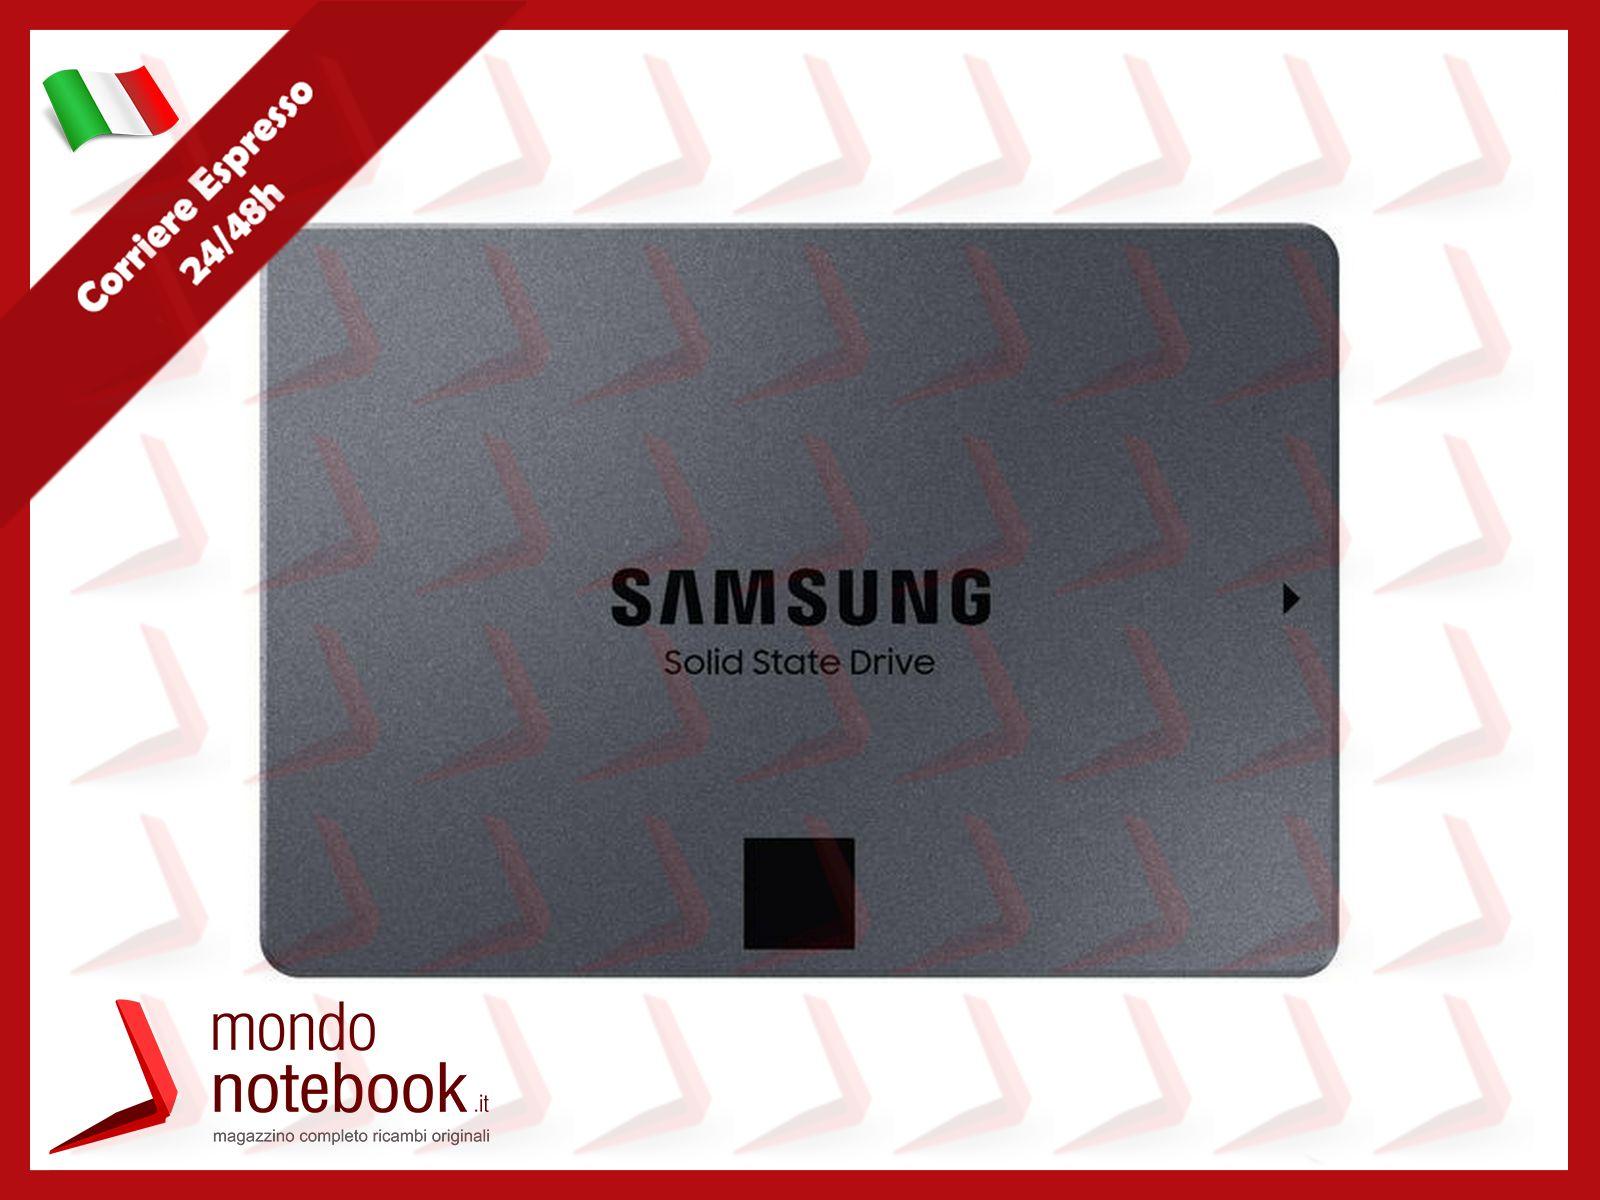 https://www.mondonotebook.it/11193/tastiera-notebook-toshiba-satellite-pro-t110-mini-nb200-con-adesivi-layout-ita.jpg